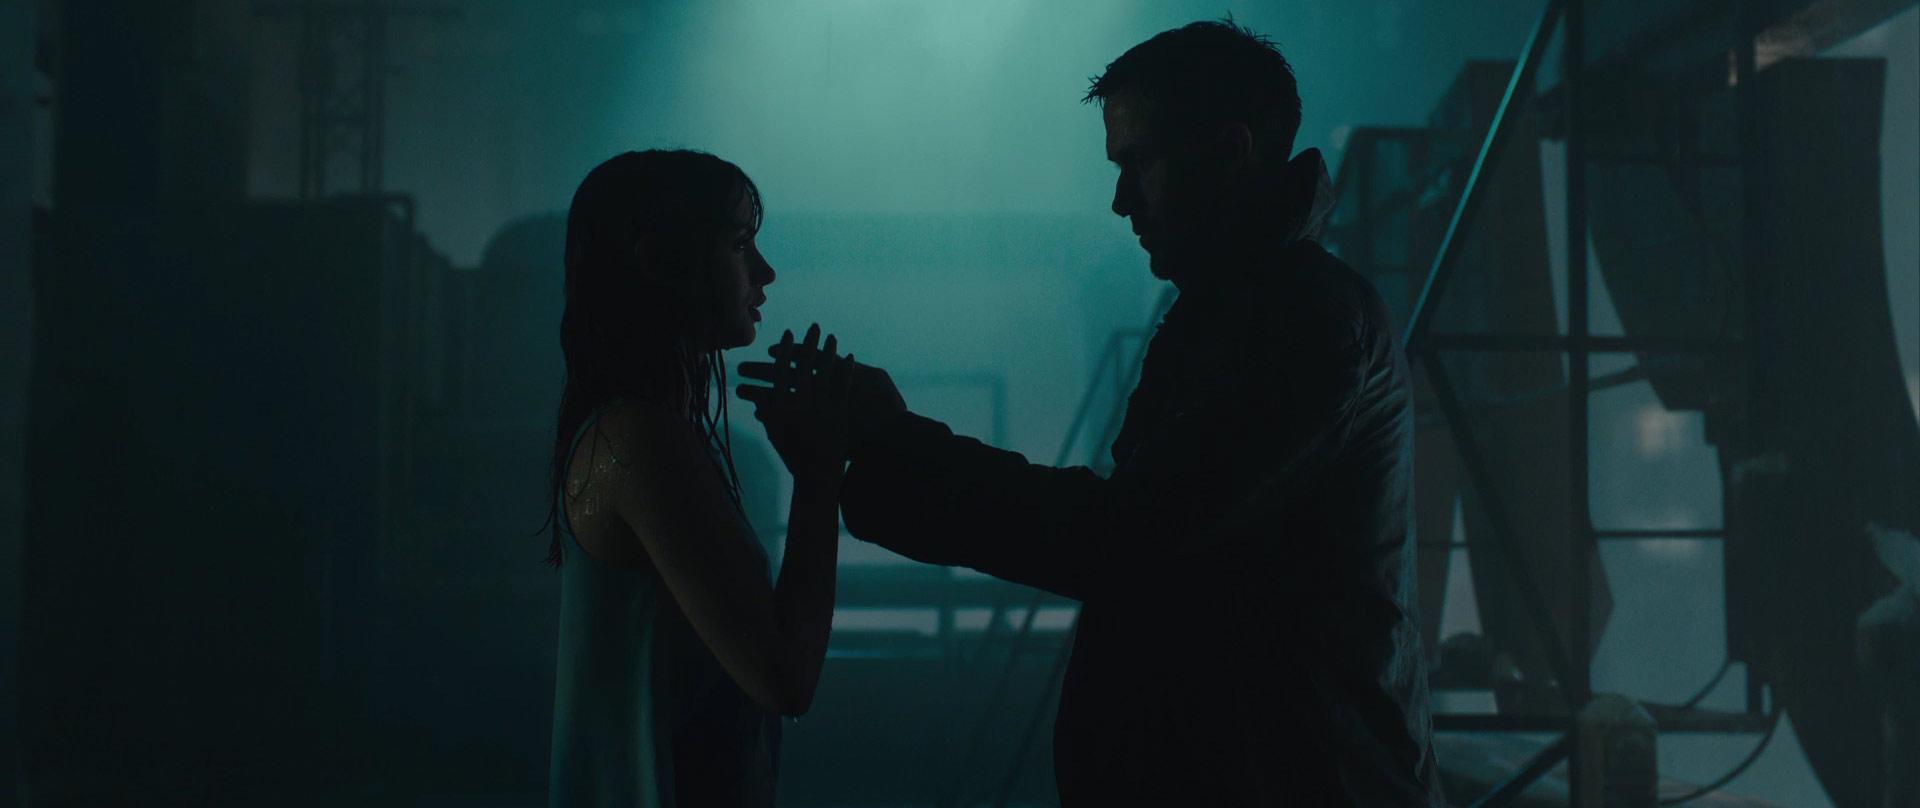 K et Joy / Blade Runner 2049